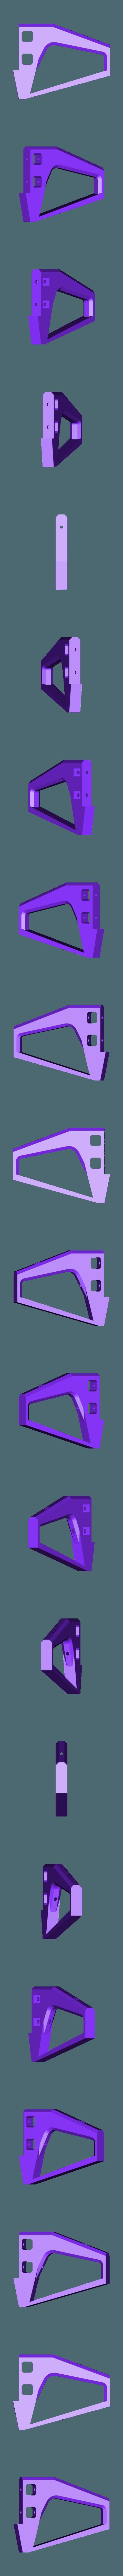 Part-Teil 01 Handgrip - Handgriff.stl Download free STL file BBQ Fan Extension for Gearbox 256 / Grillgebläse Erweiterung für Getriebe 256 • 3D print design, CONSTRUCTeR